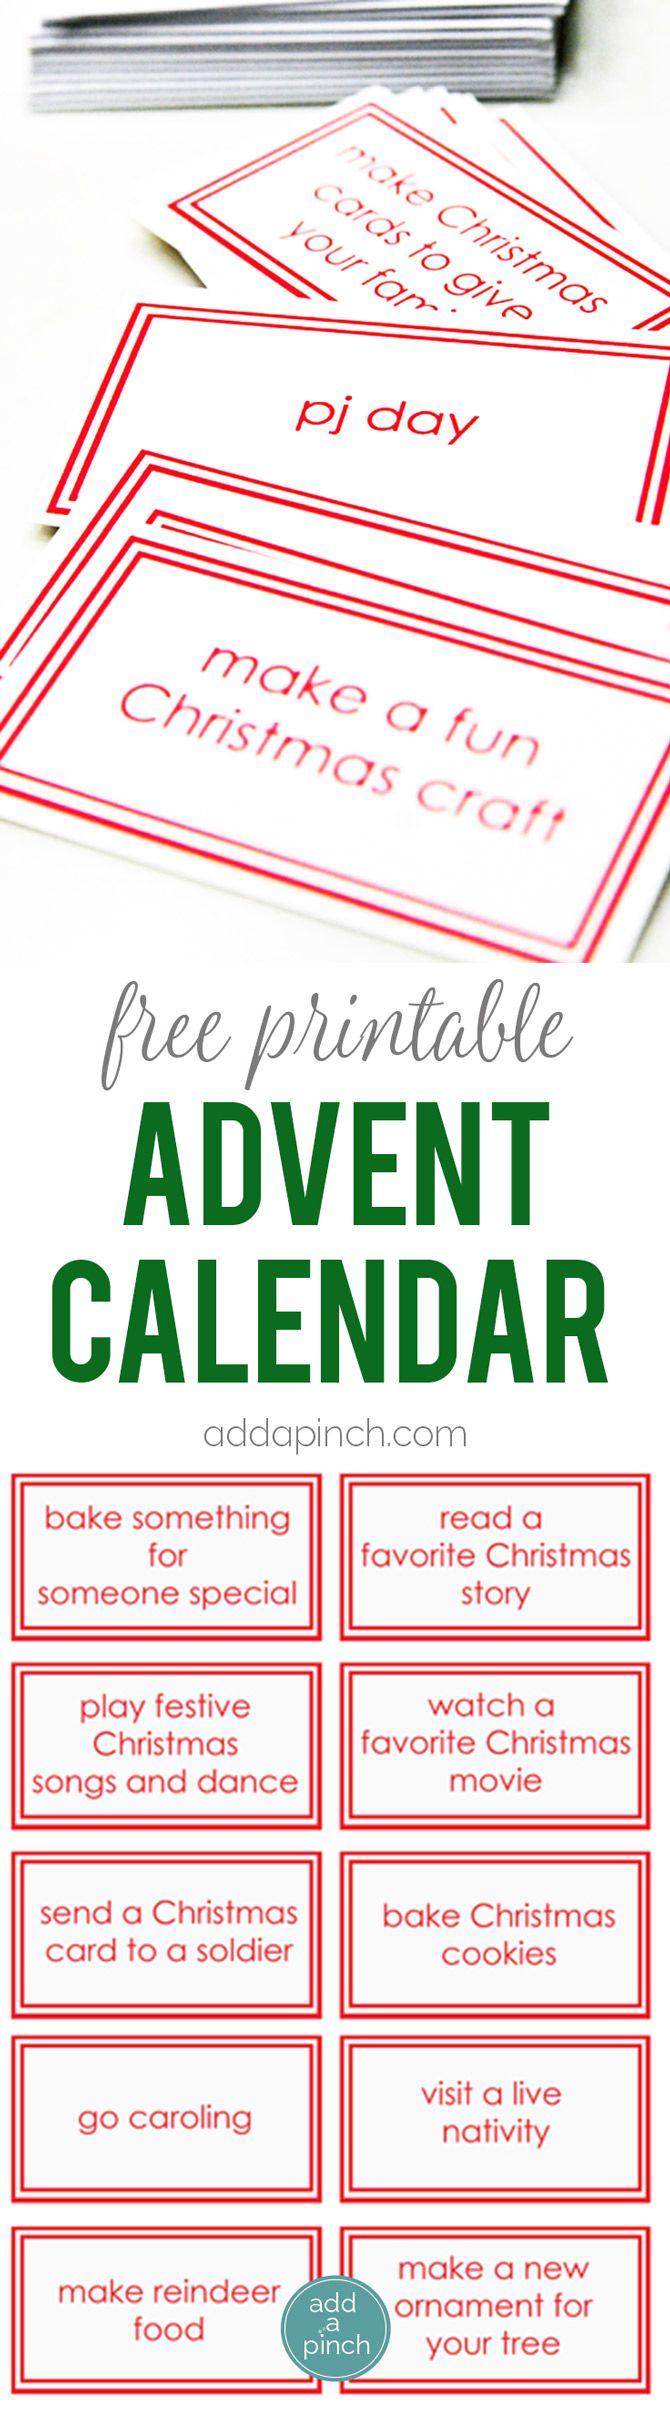 Christmas Advent Calendar Printable Add A Pinch Childrens Christmas Printable Advent Calendar Christmas Advent